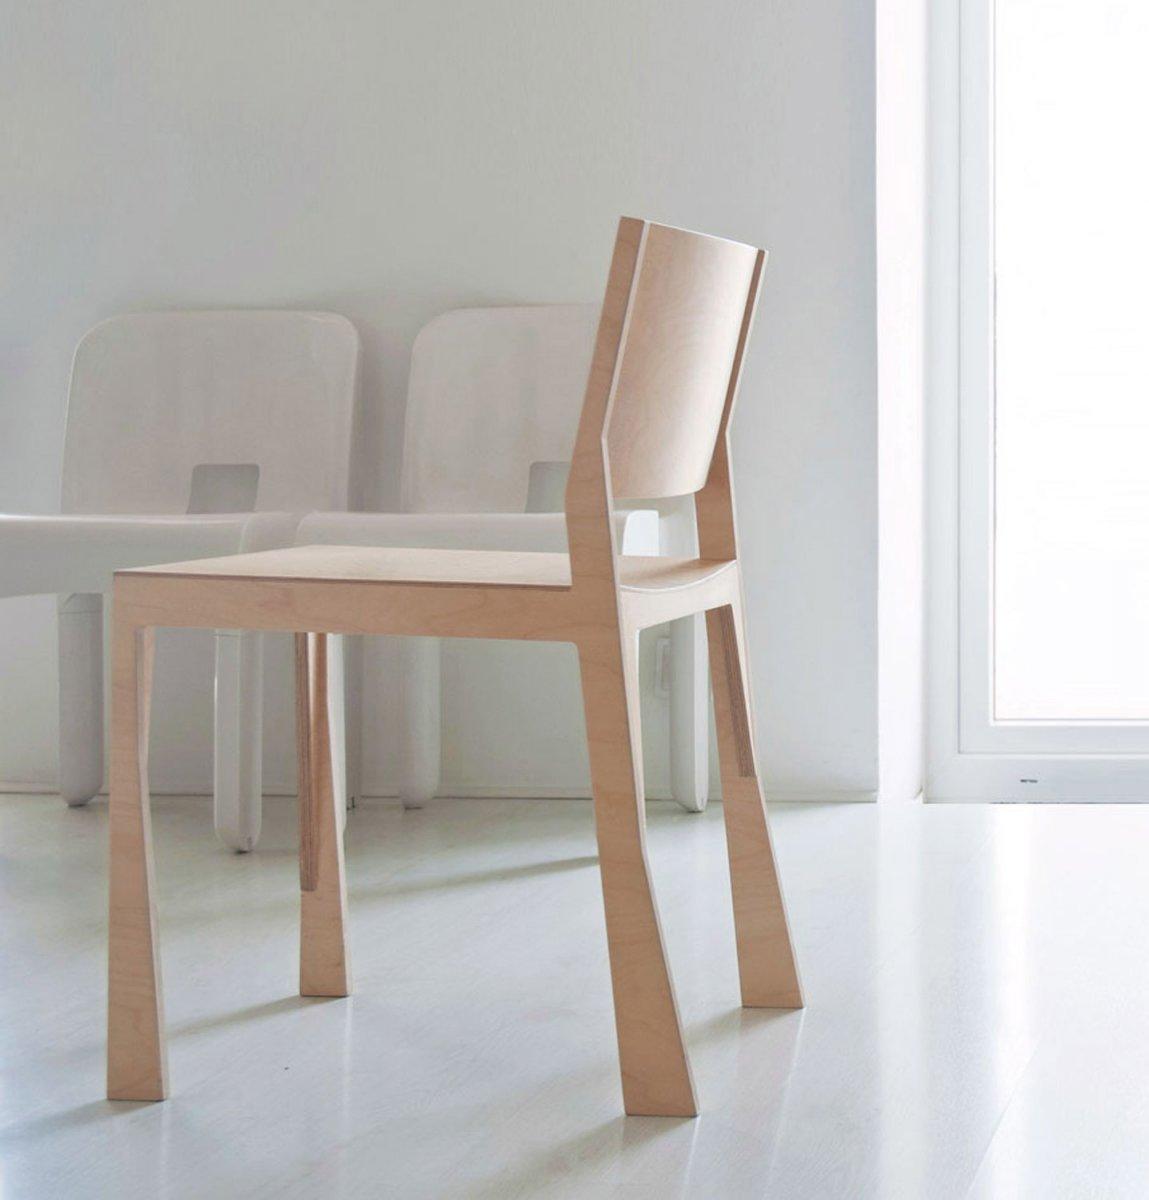 Im genes de los muebles y accesorios de branca lisboa for Accesorios decorativos para el hogar